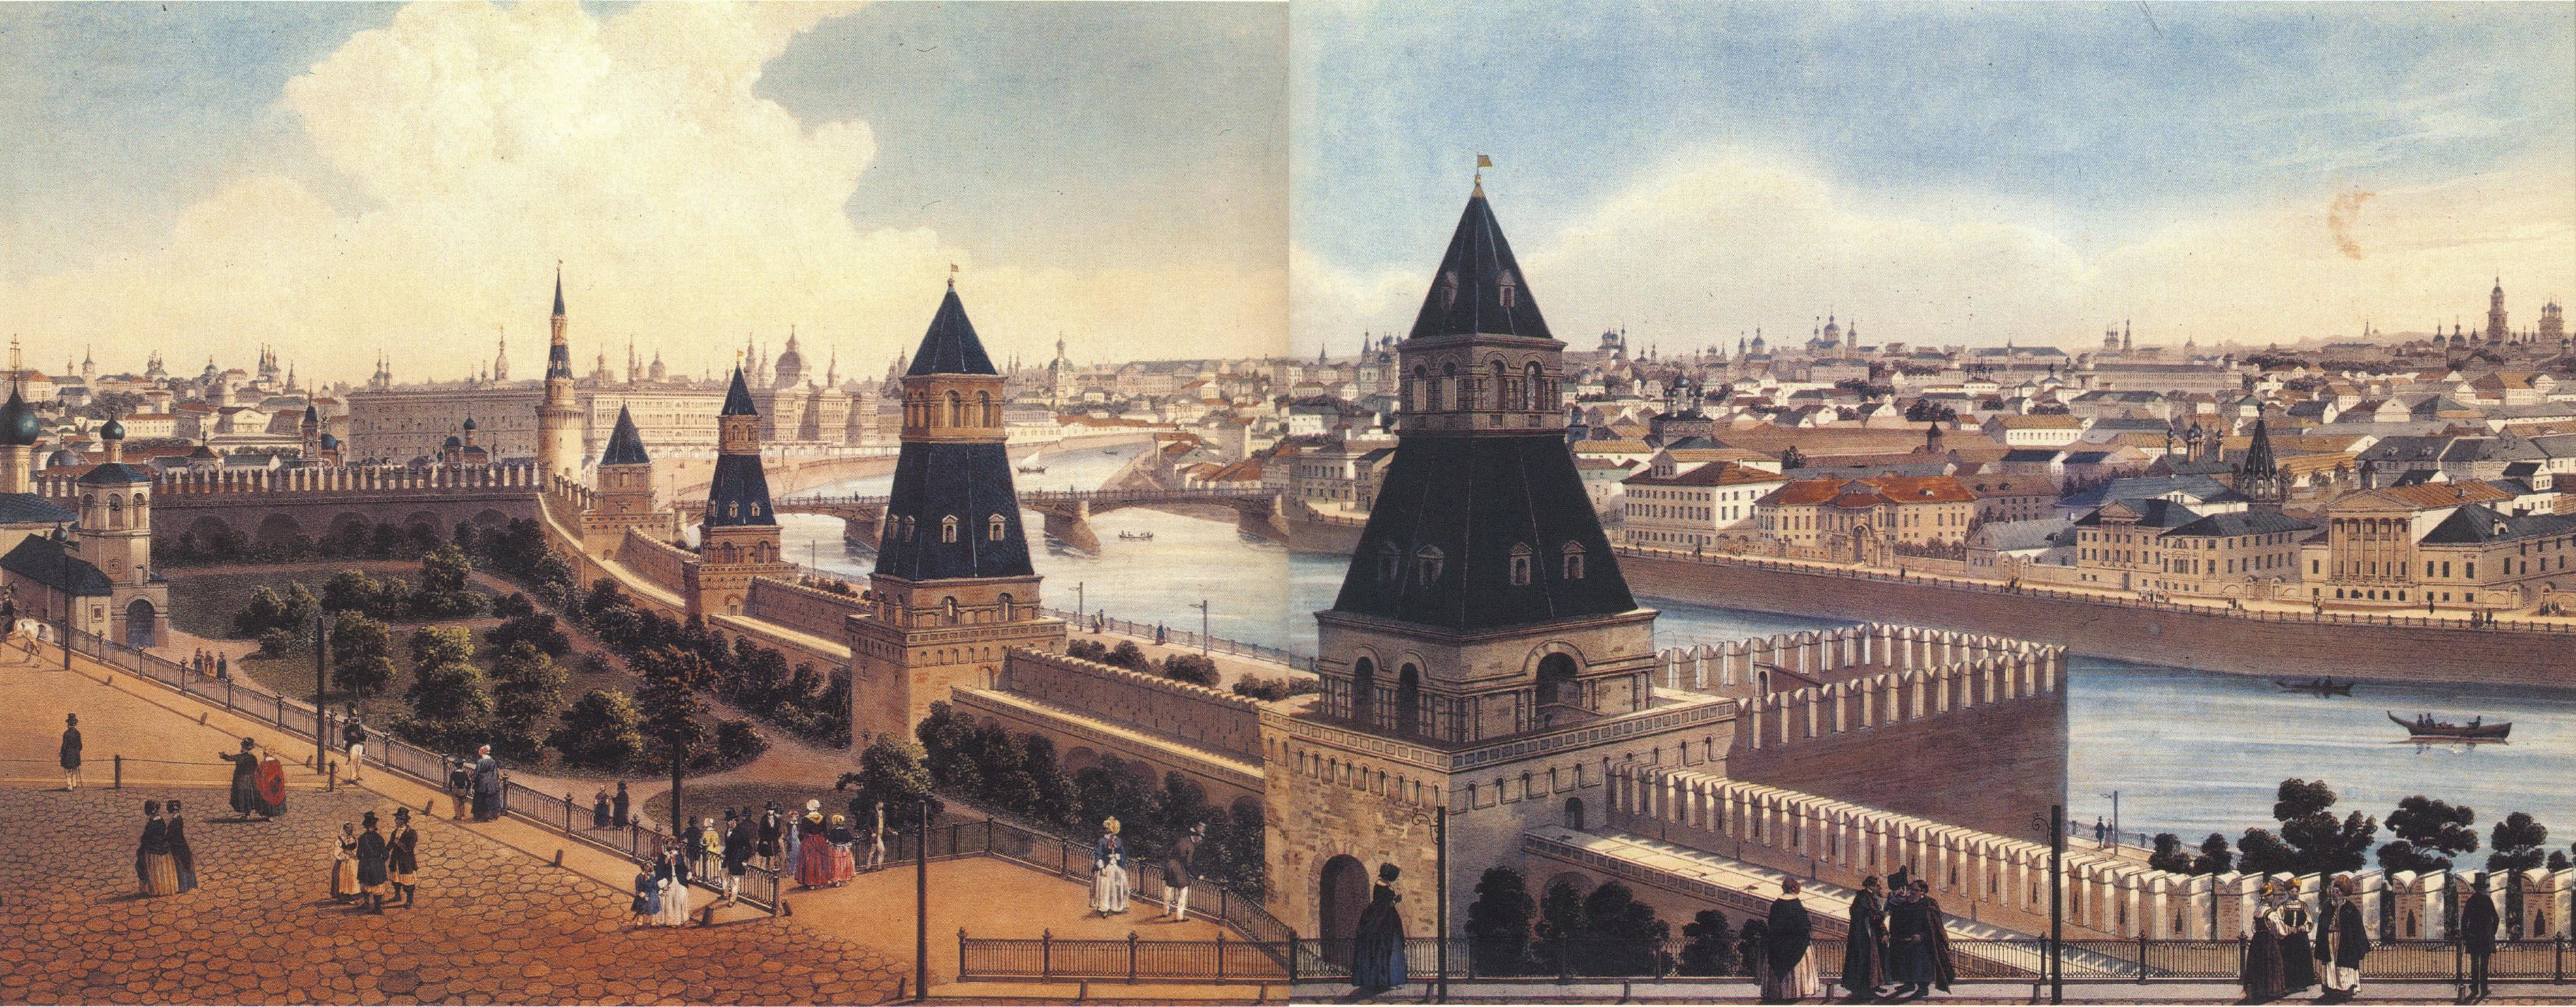 1850-е. Панорама Кремля и Замоскворечья от Тайницкой башни1